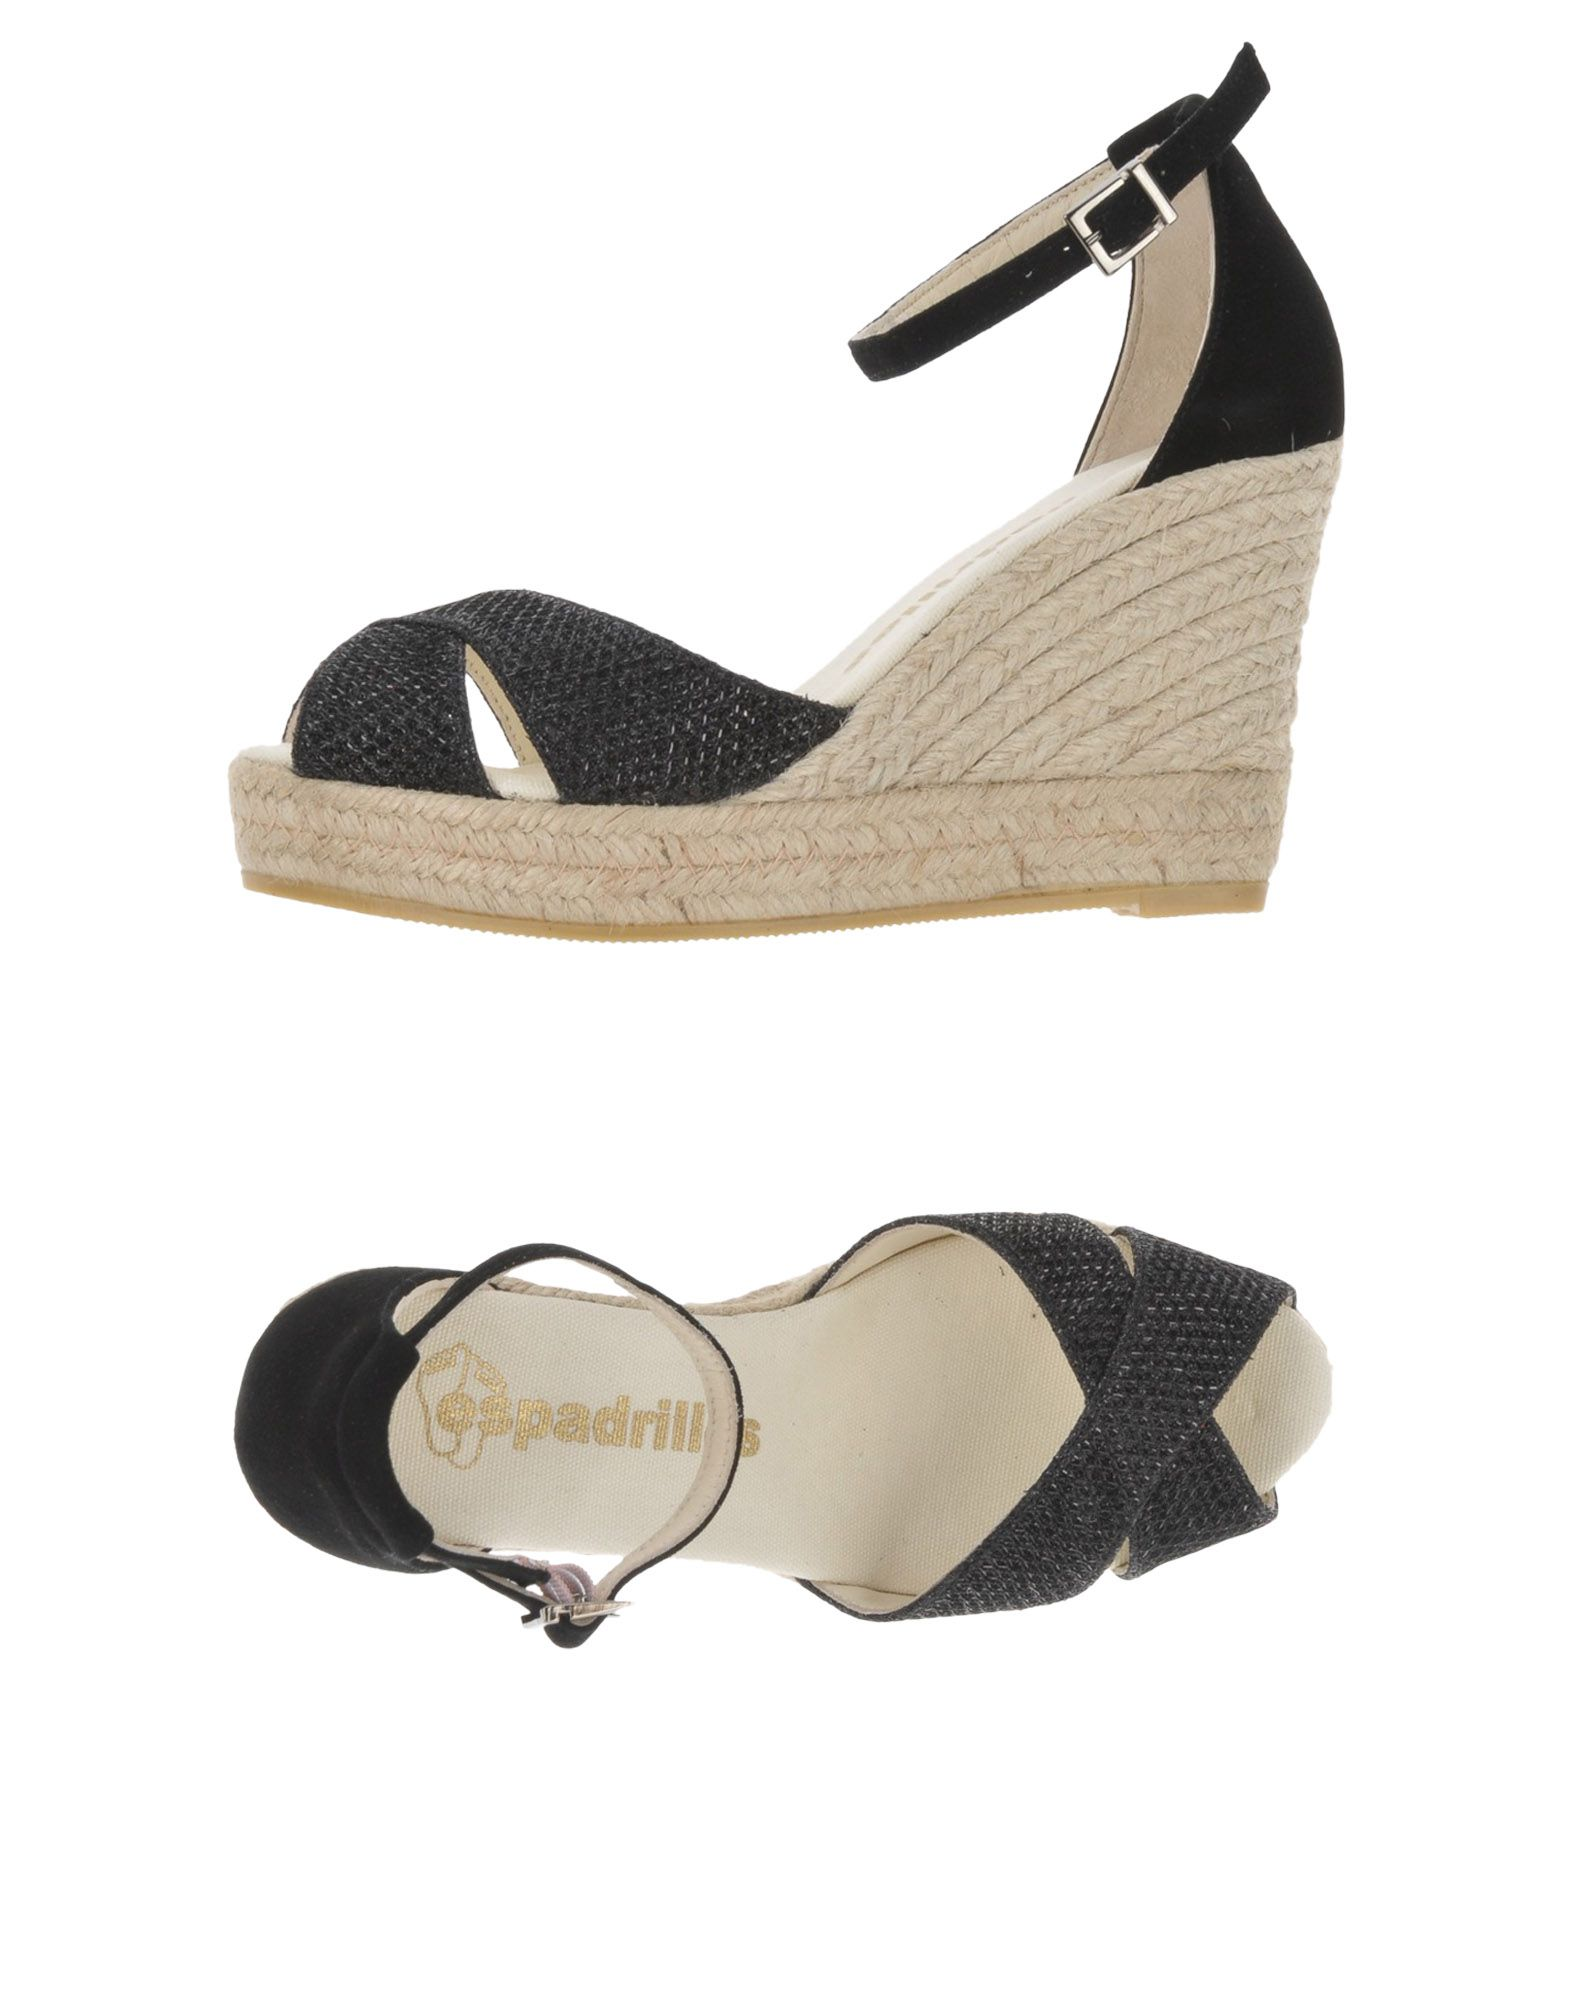 Günstige und modische Schuhe Espadrilles Sandalen Damen  11457148OG